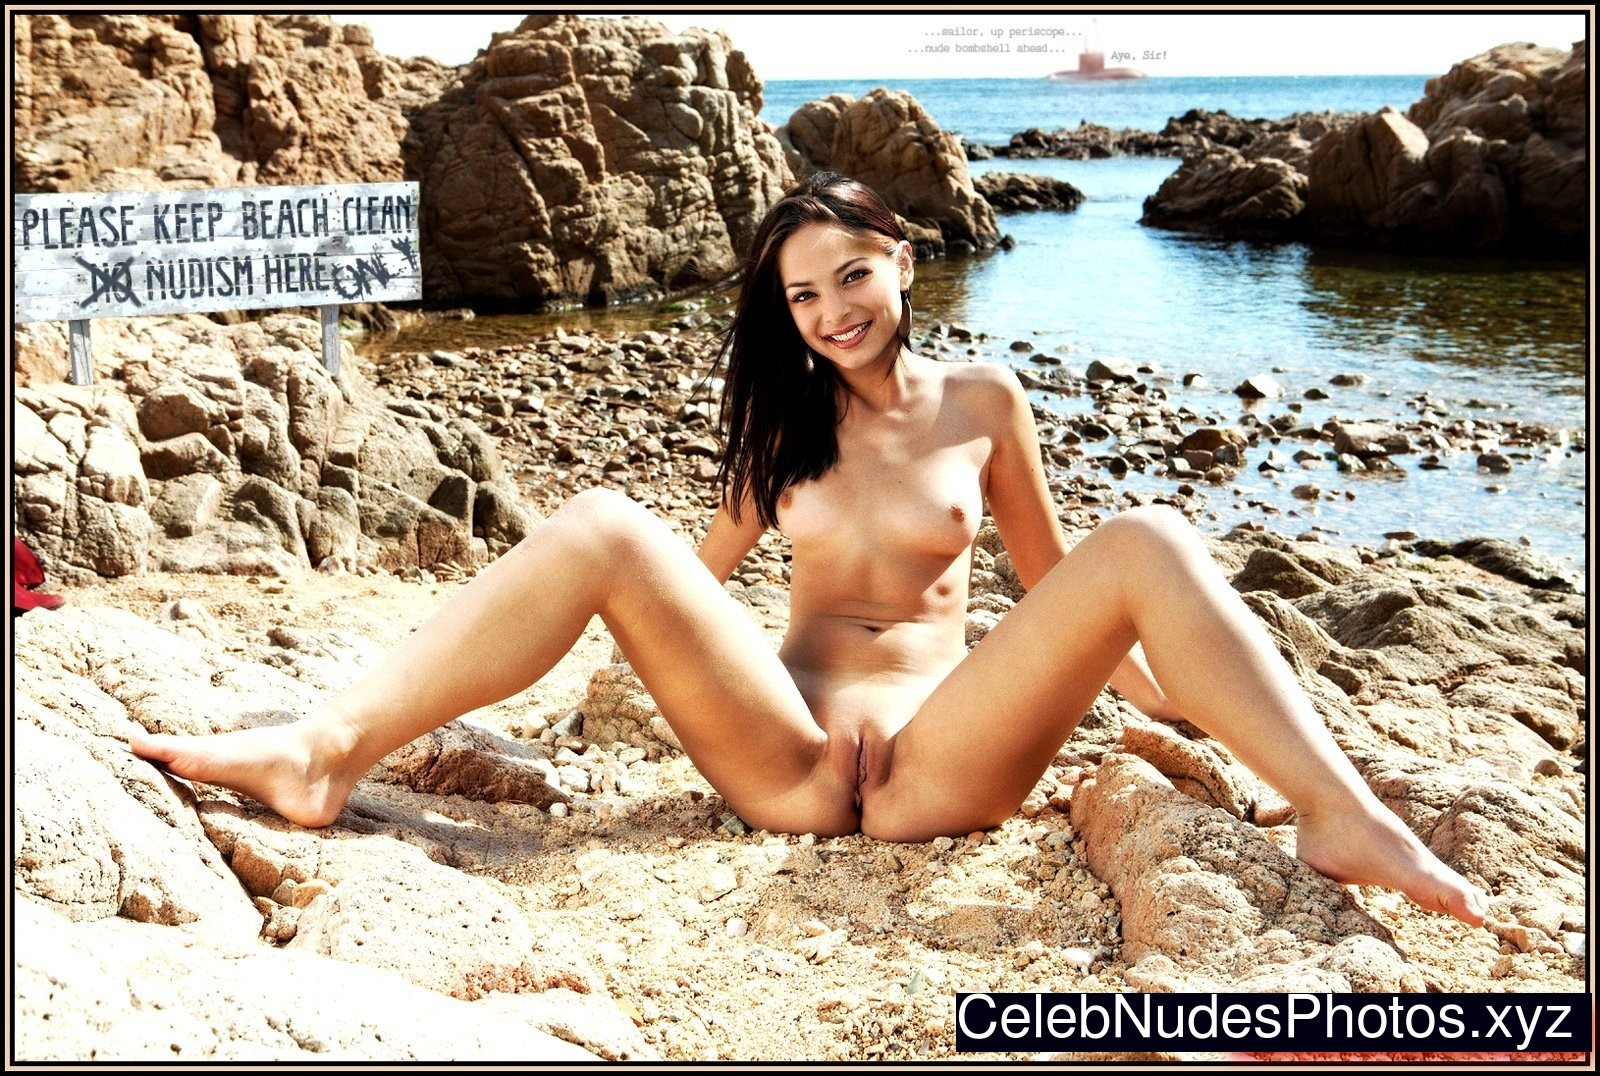 Kristin Kreuk nude celebrity pictures